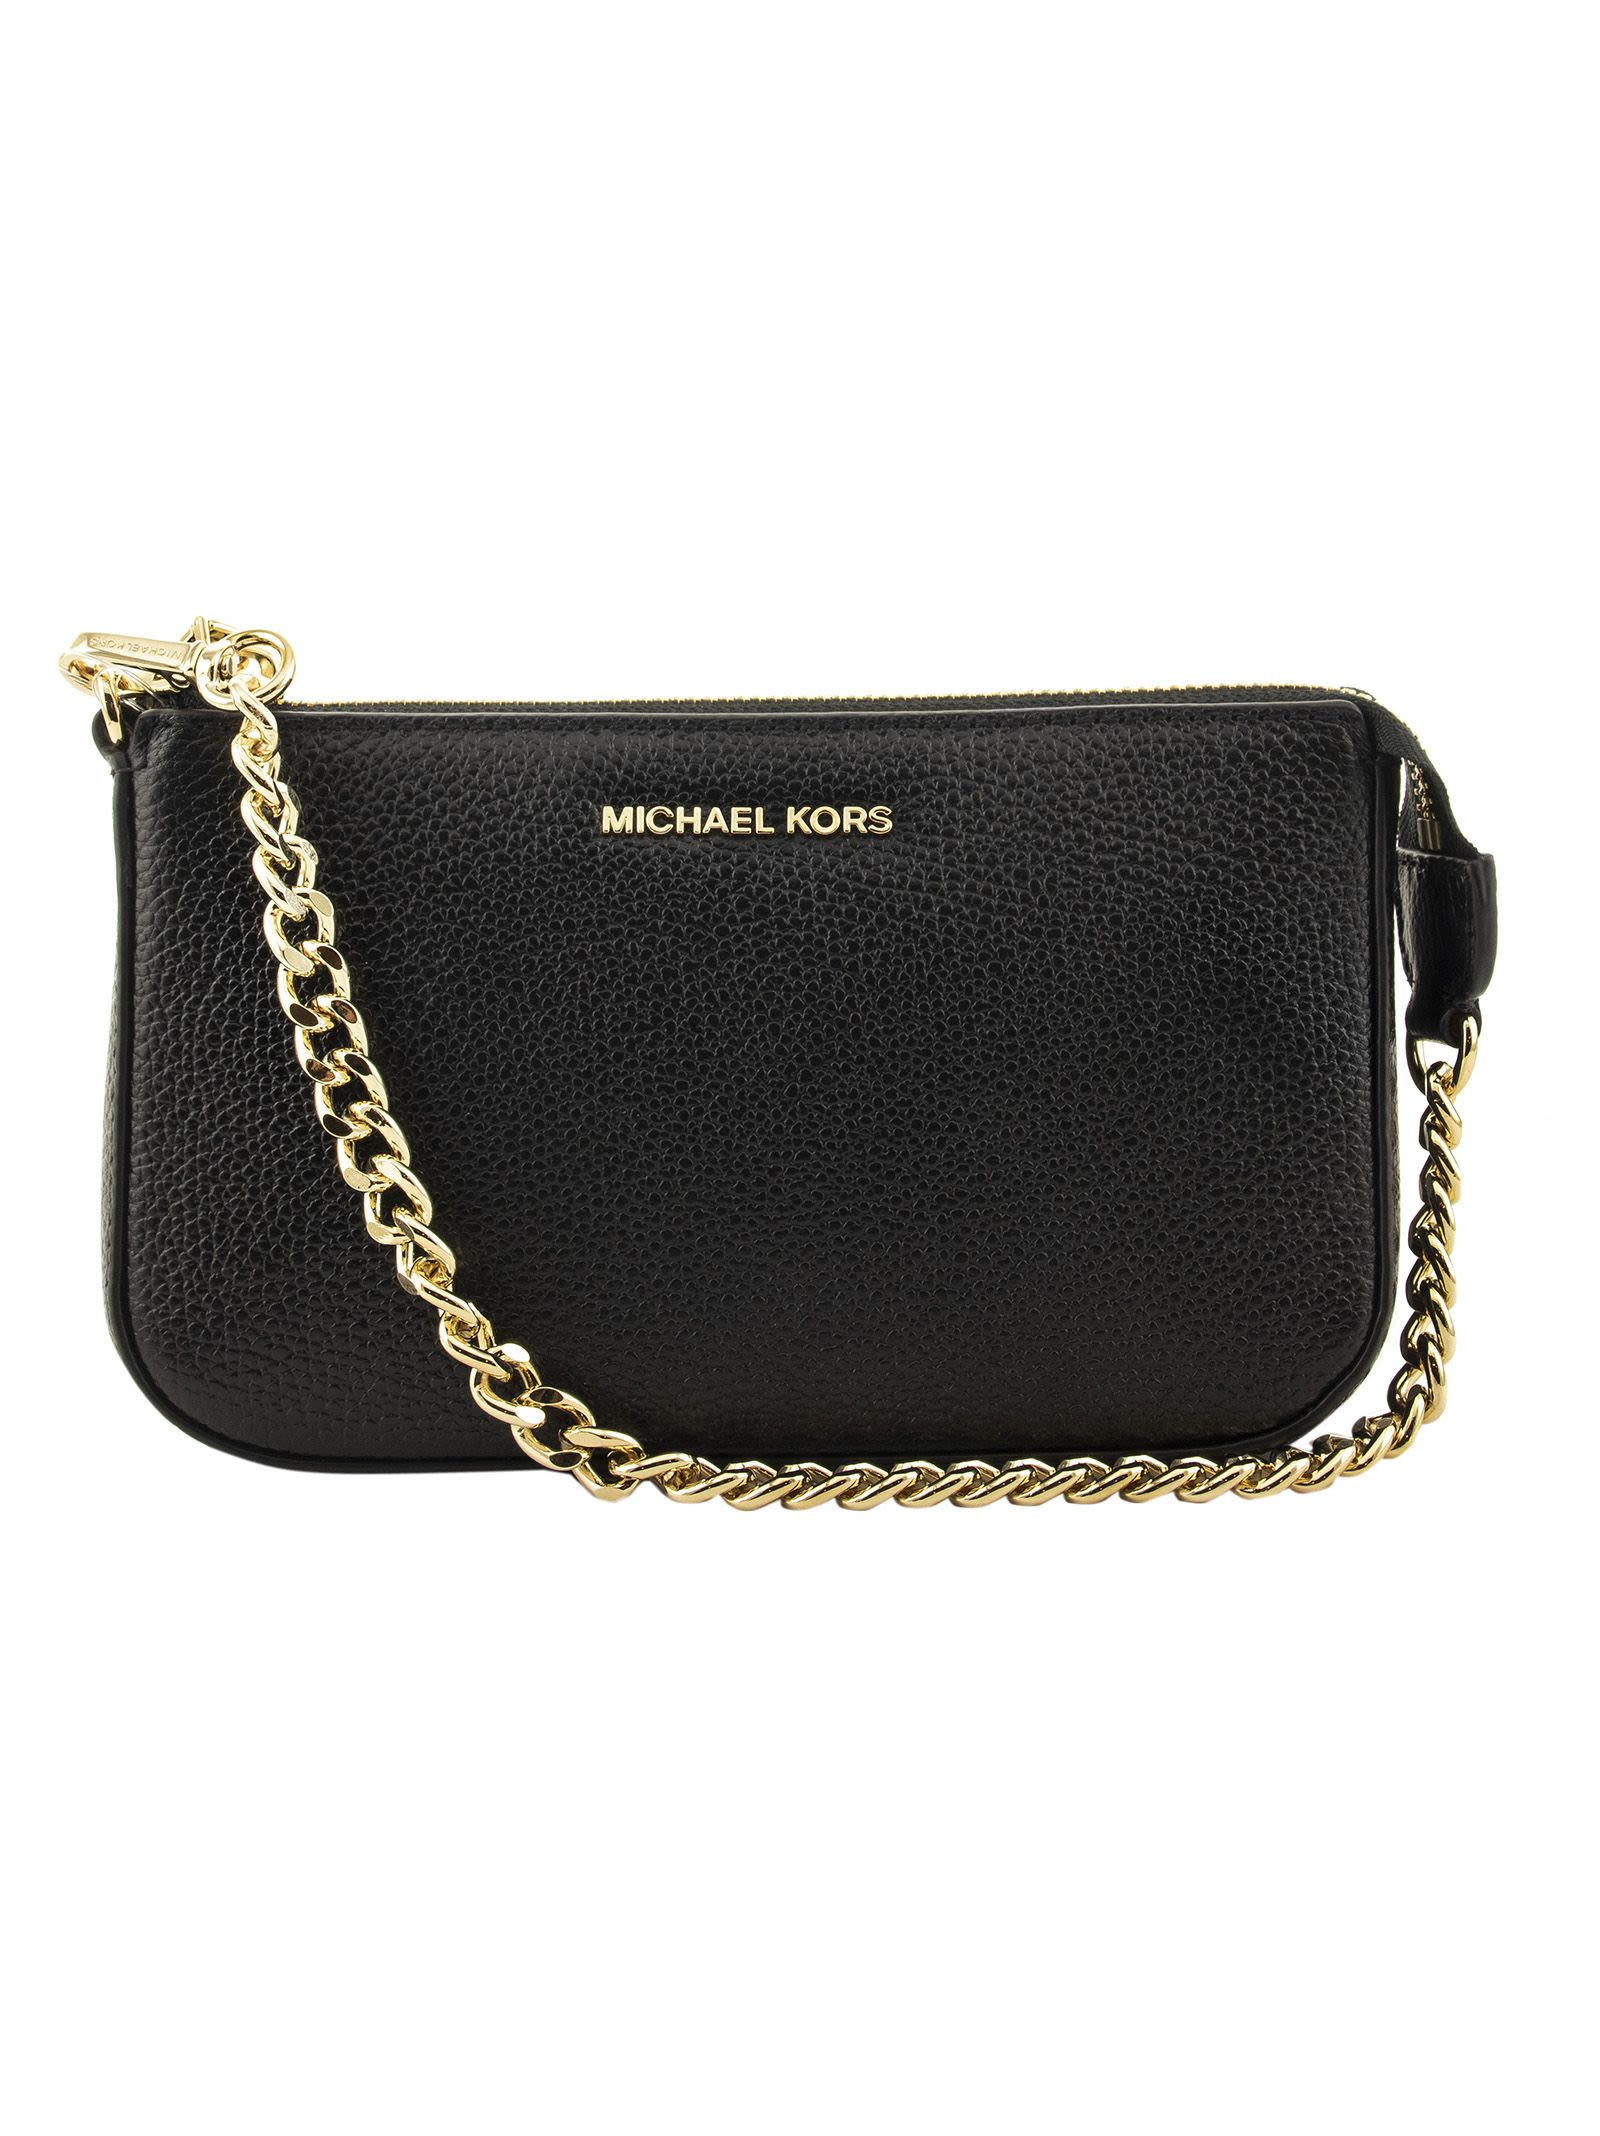 193022588b275e Michael Kors Michael Kors Jet Set Chain Handbag - Black - 10853838 ...